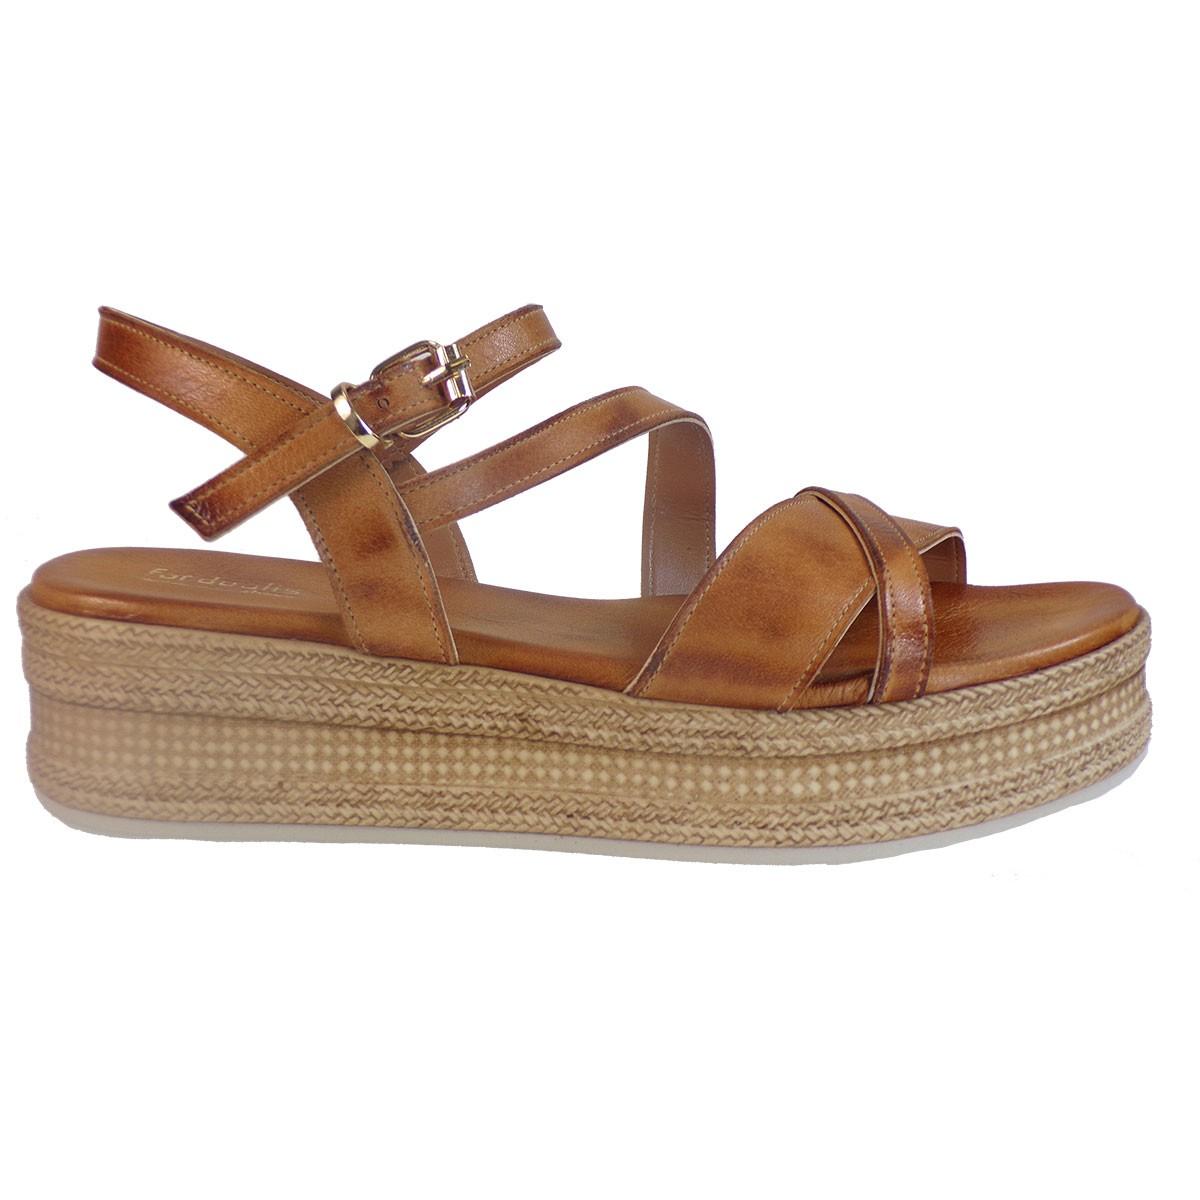 55d62d8edea Fardoulis shoes Γυναικεία Παπούτσια Πέδιλα Πλατφόρμες 63450 Ταμπά Δέρμα